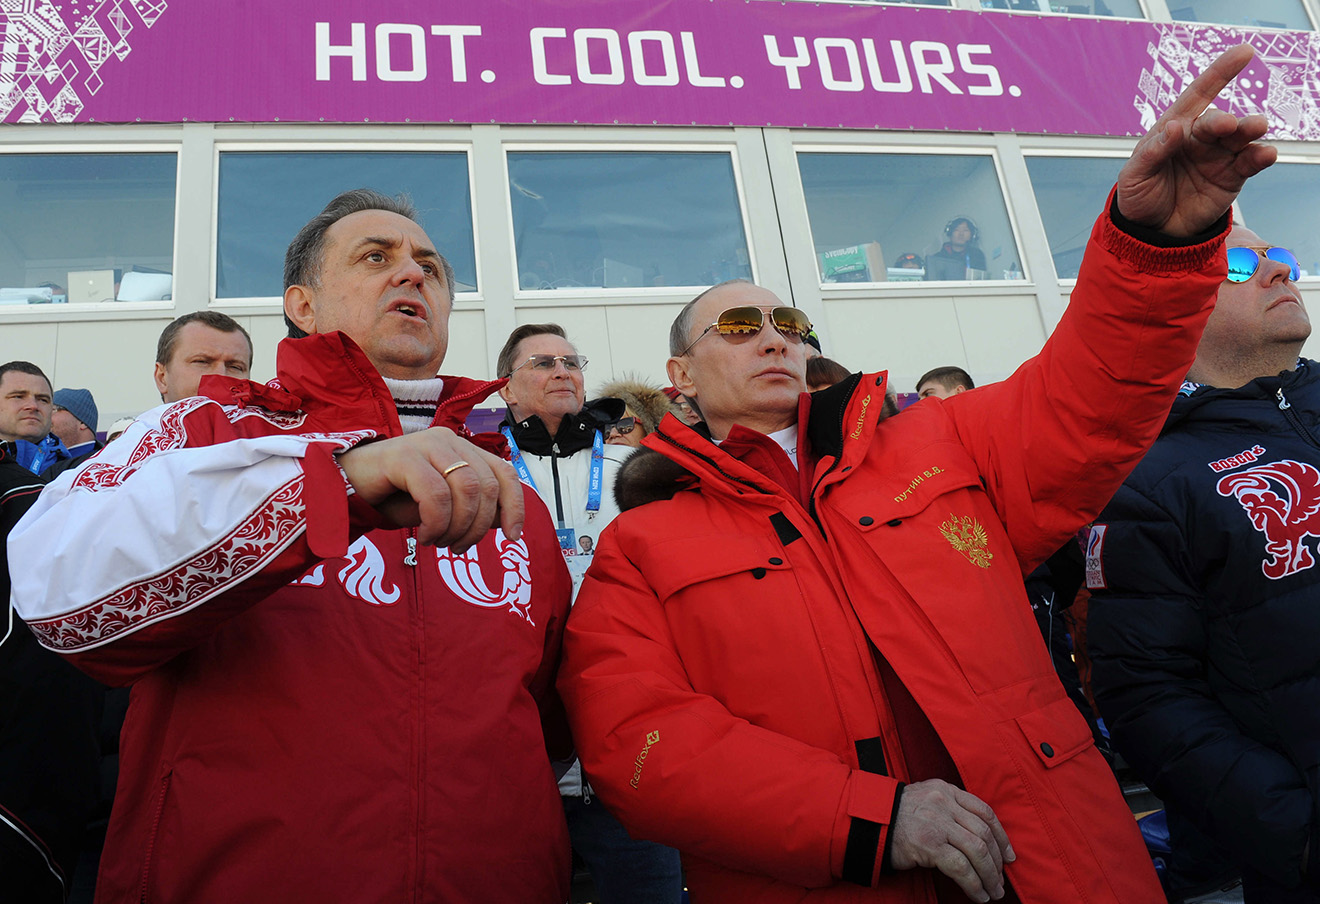 Виталий Мутко и Владимир Путин на мужской эстафете в соревнованиях по лыжным гонкам на XXII Зимних Олимпийских играх.